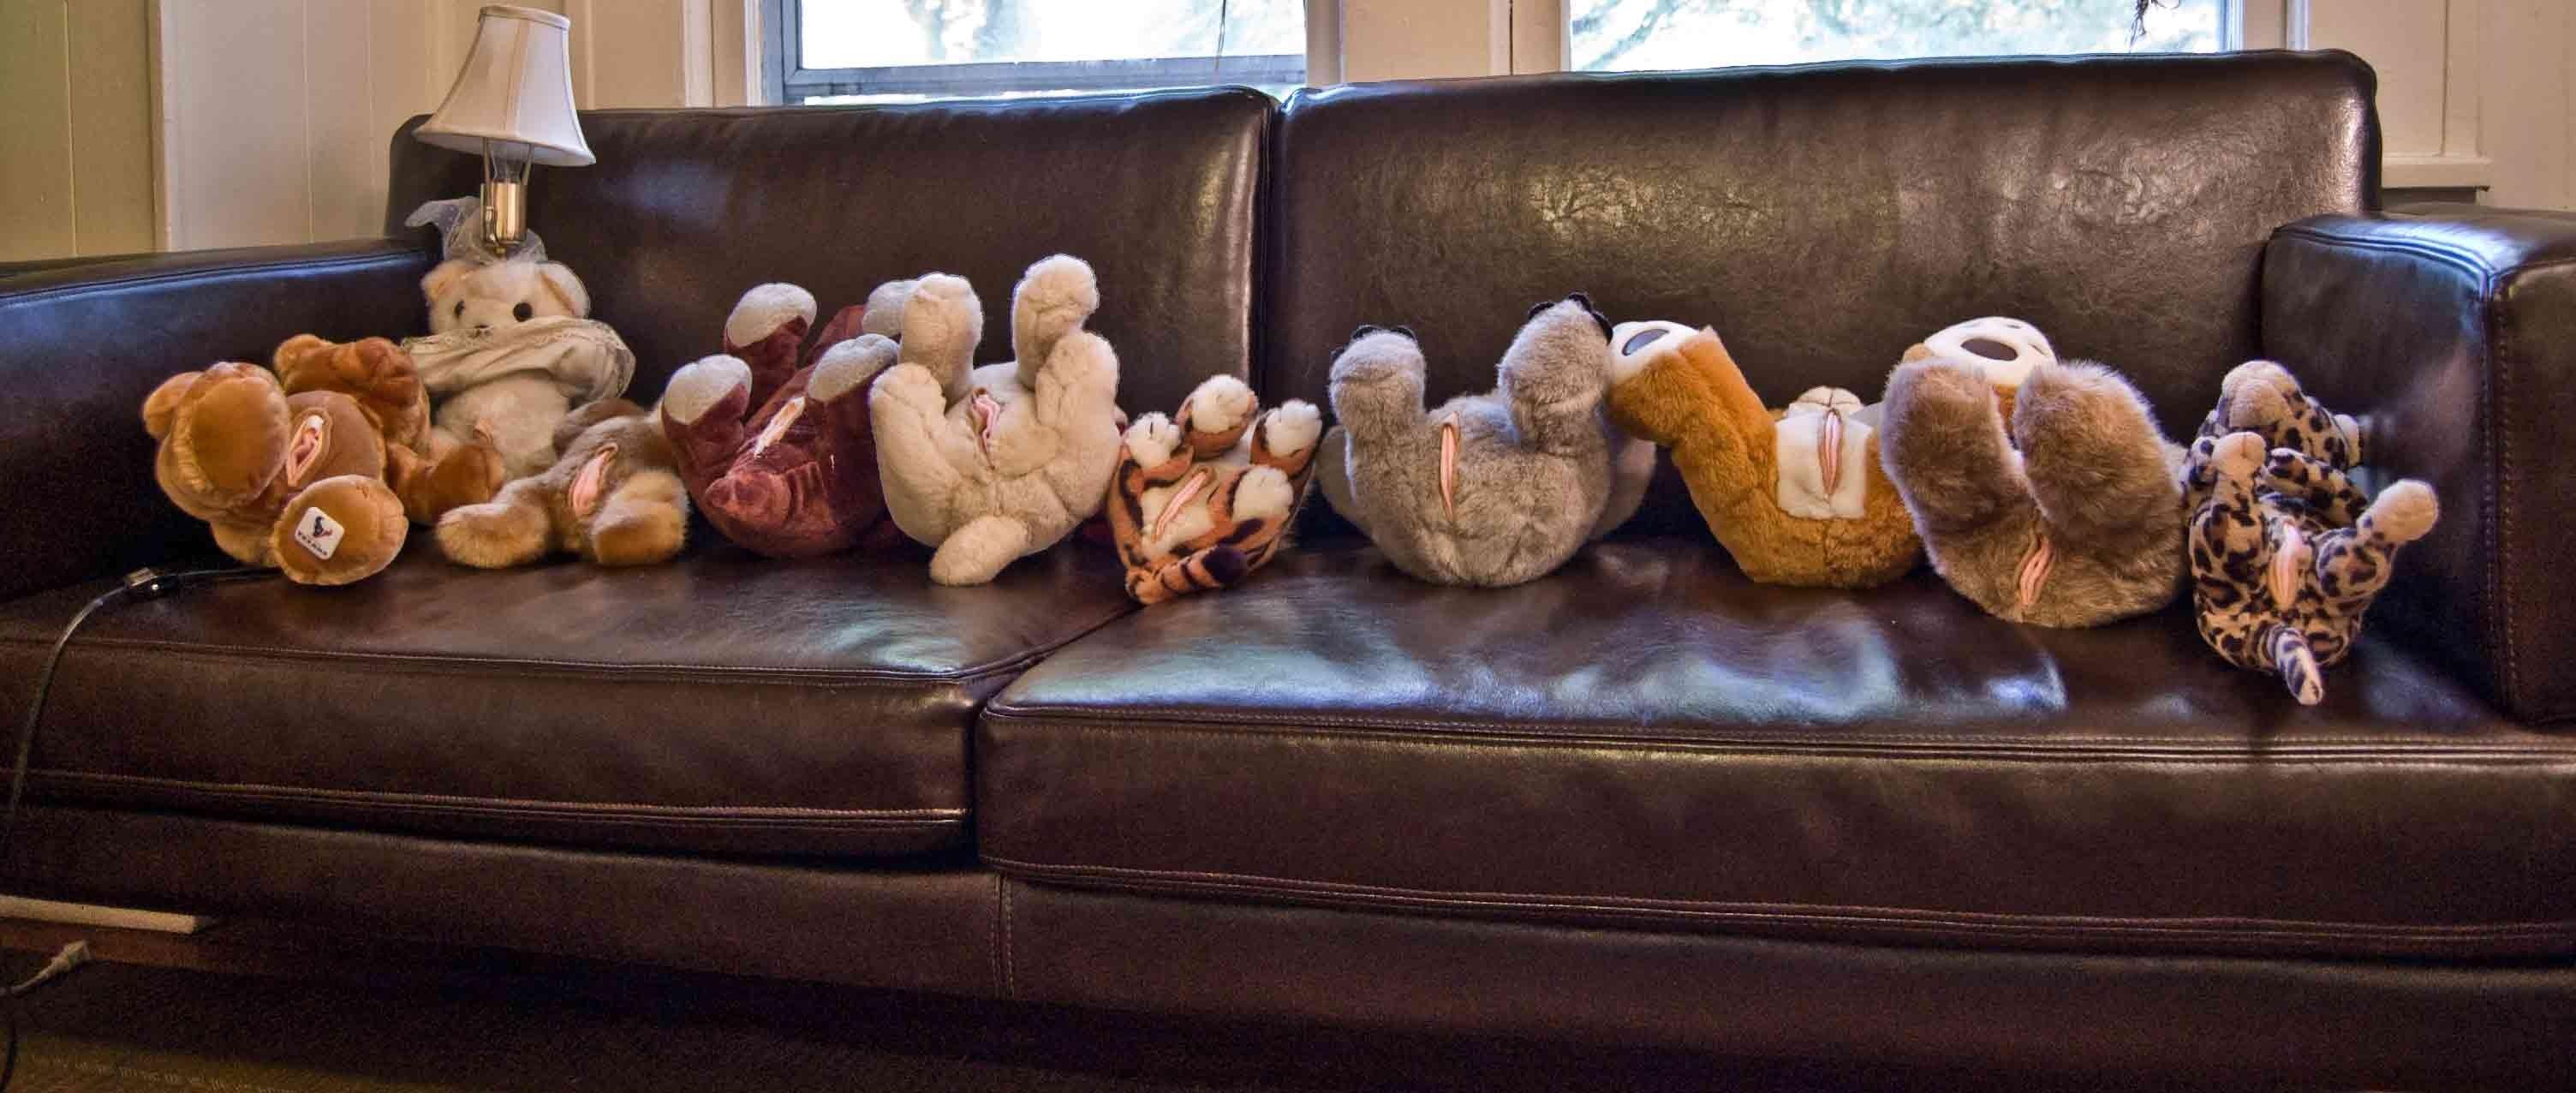 A Teddy Bear Orgy